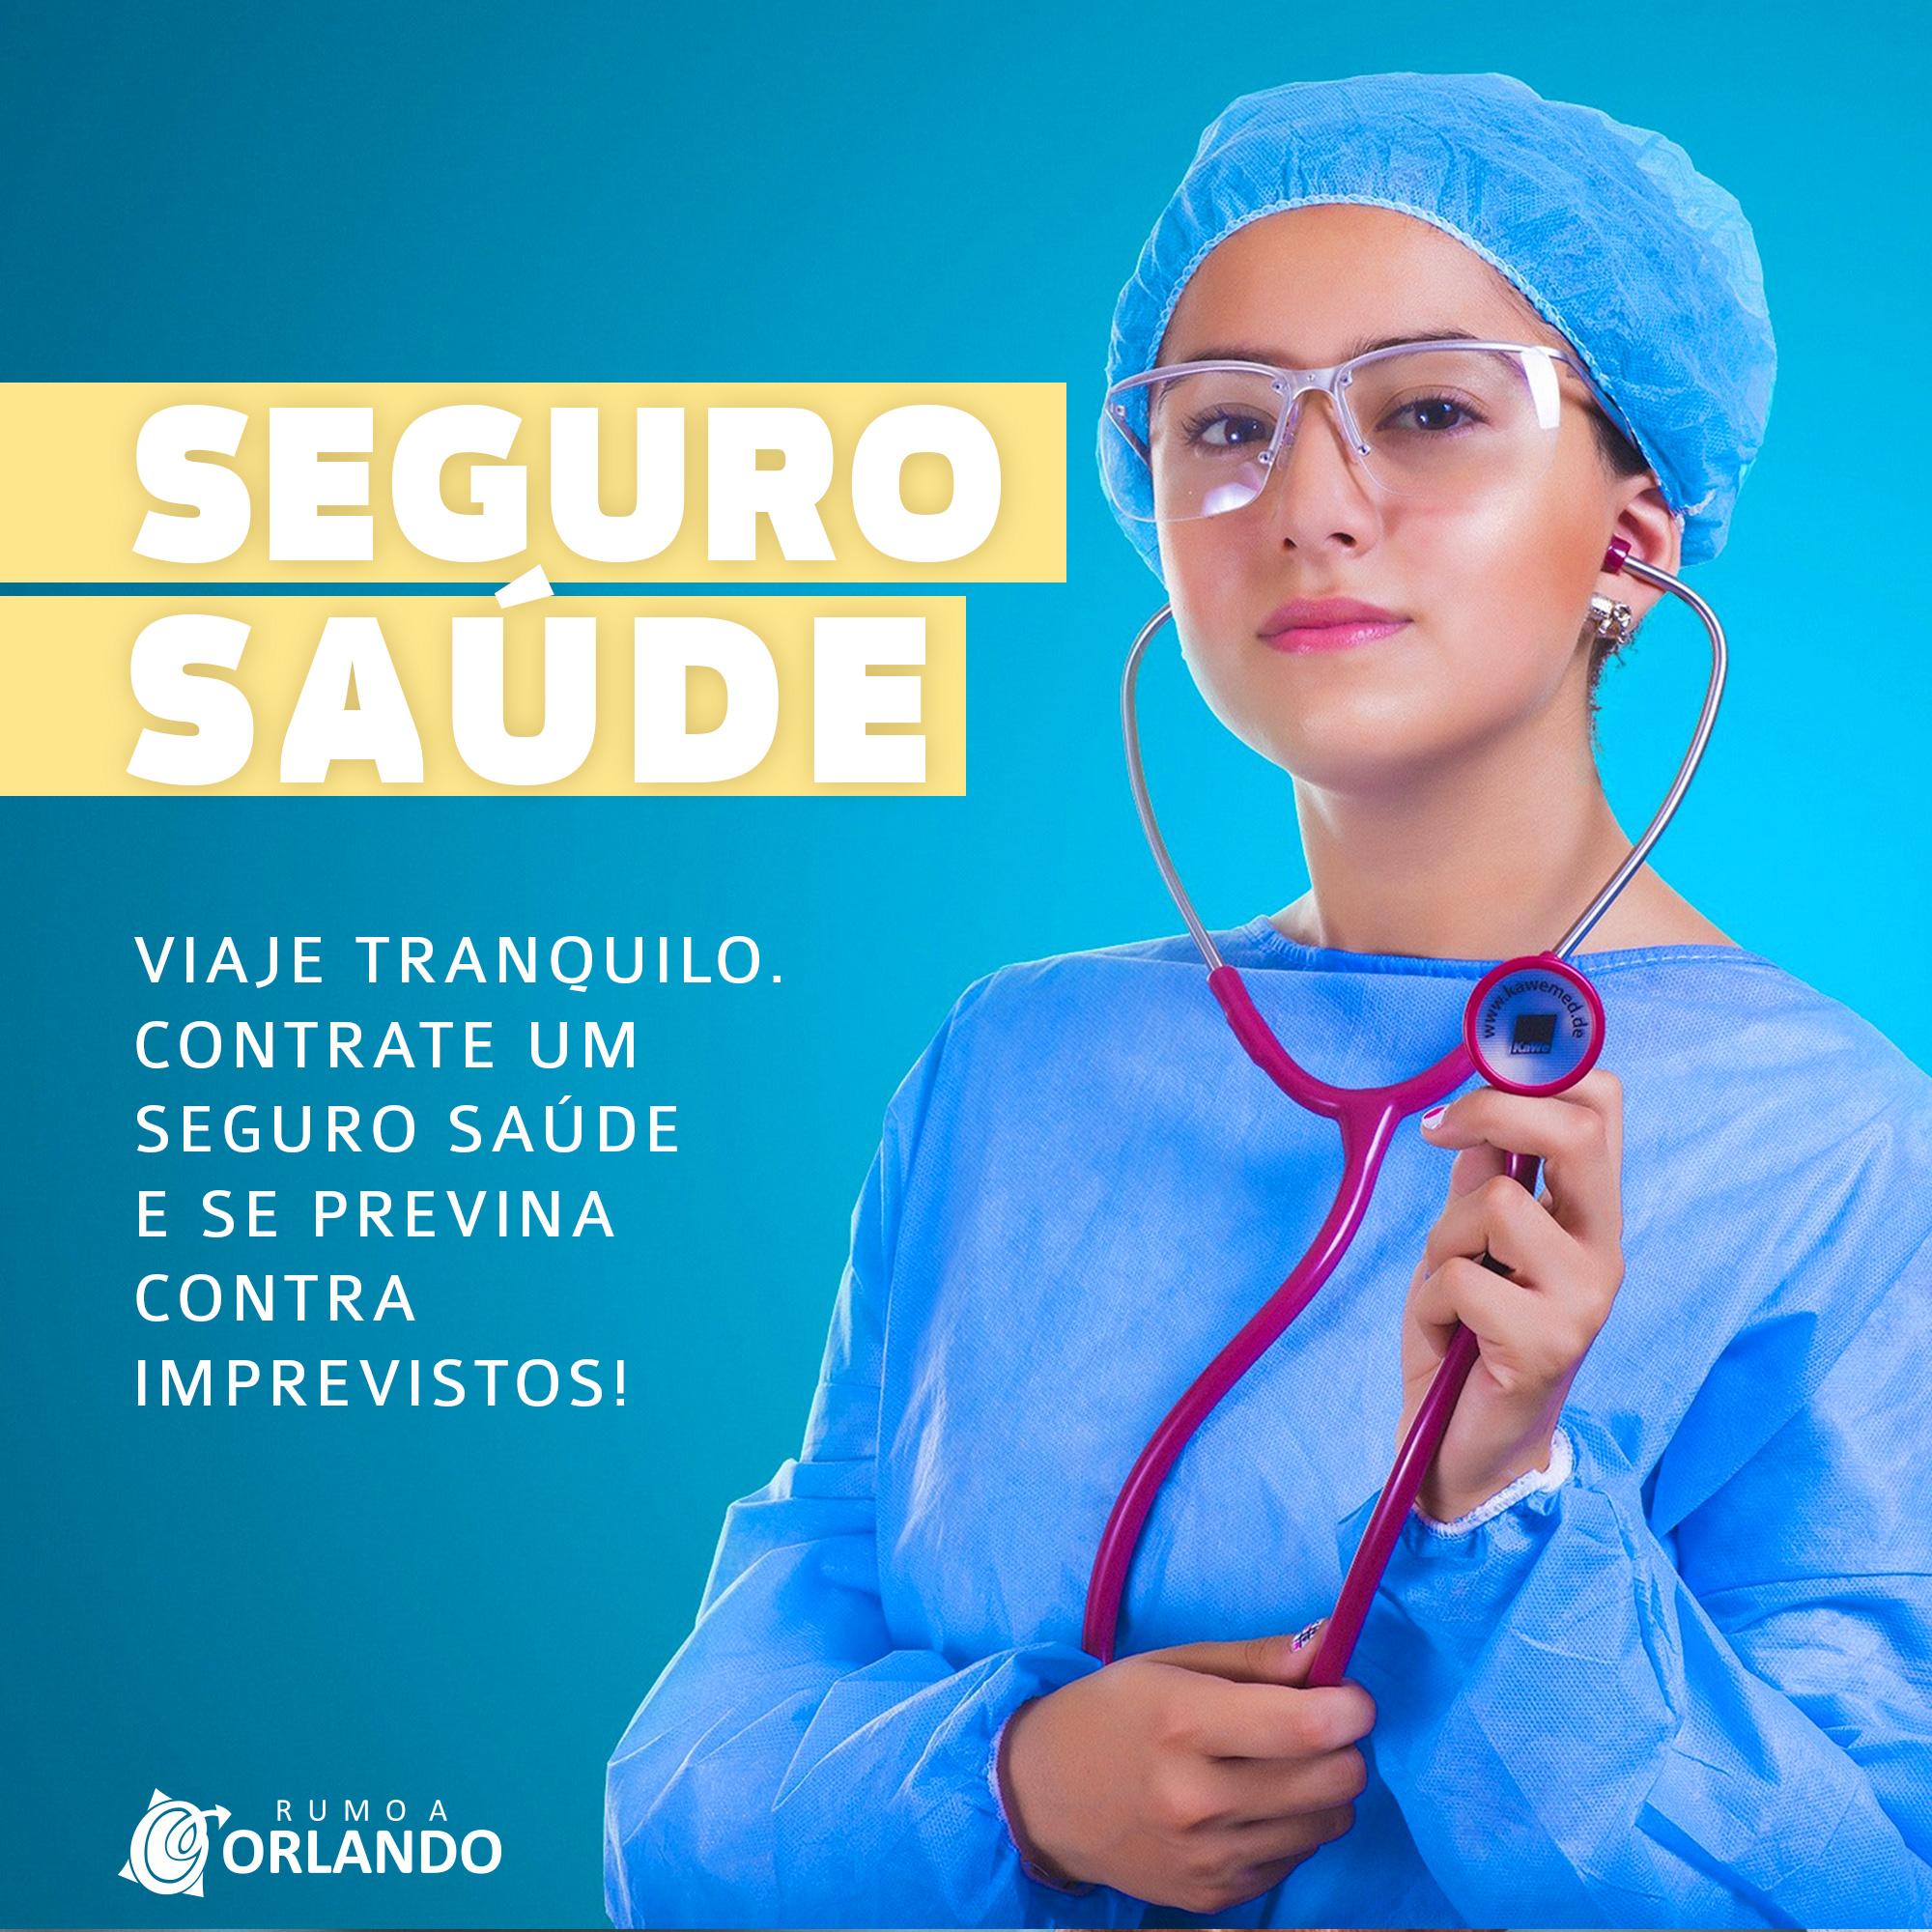 seguro saúde rumo a orlando